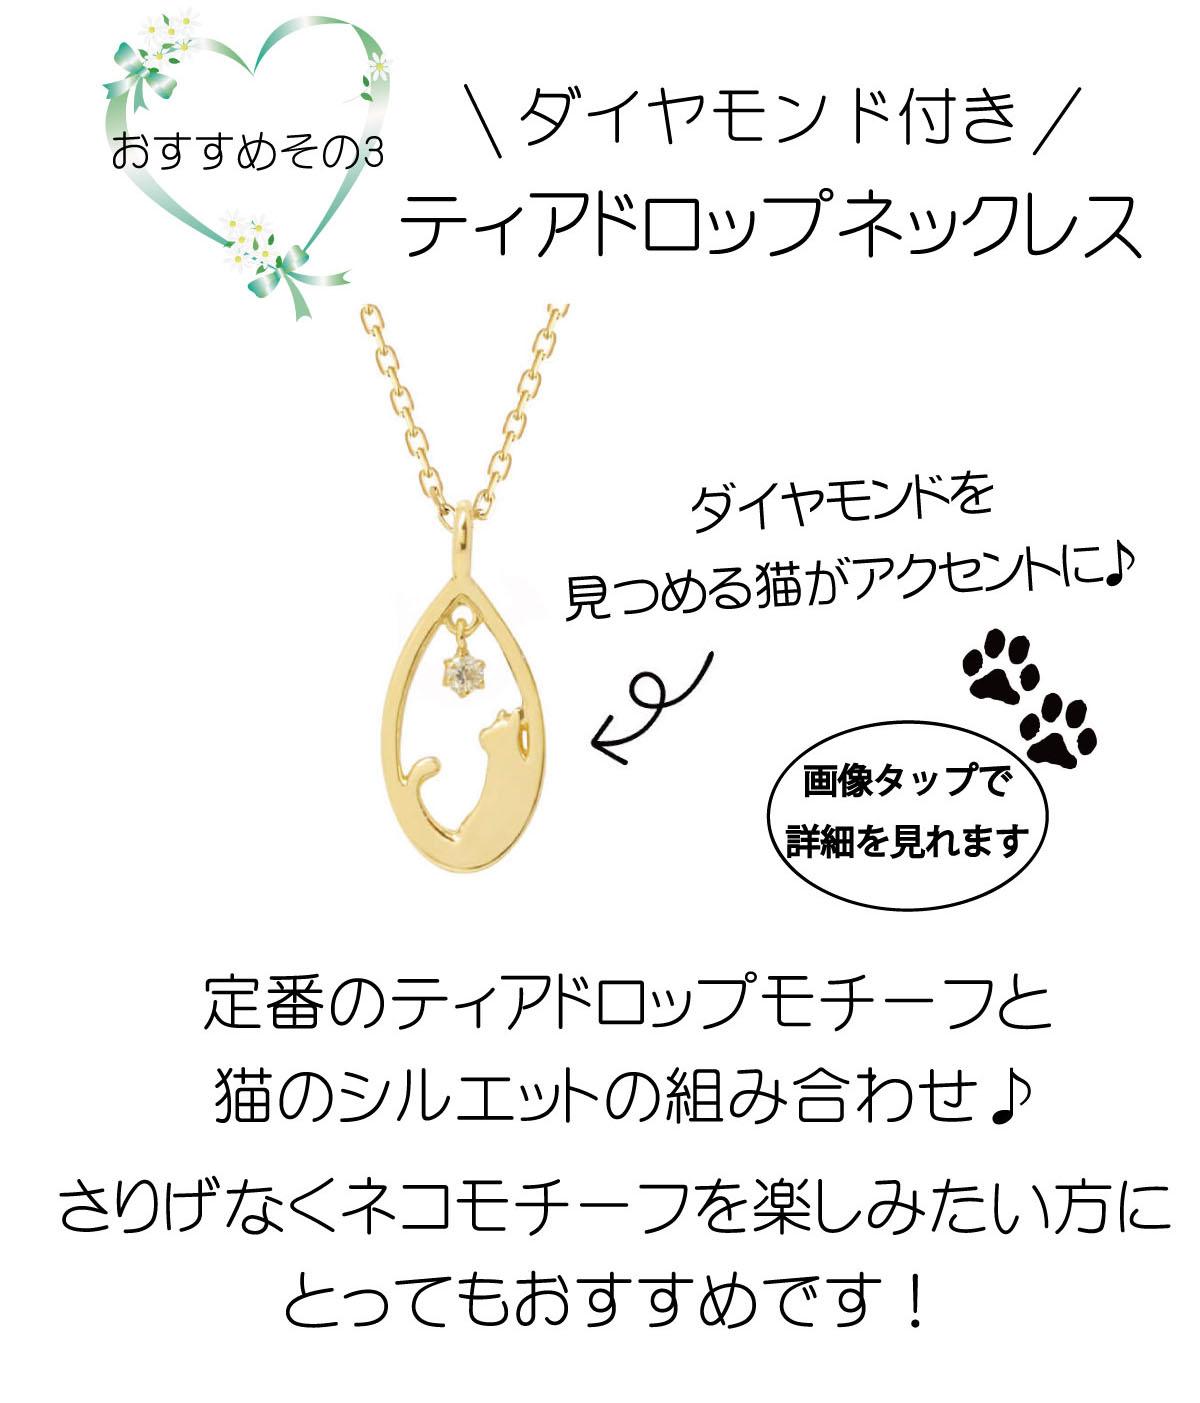 ダイヤモンドネックレス、ネコ、ティアドロップ